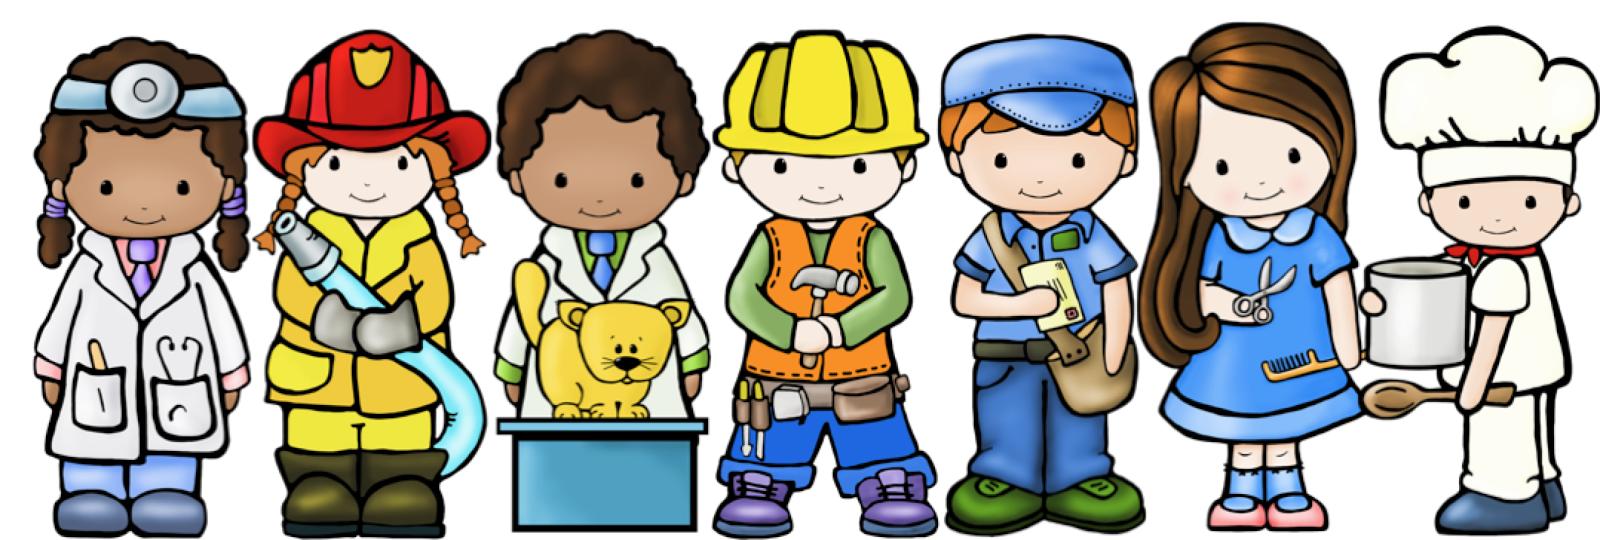 Pet clipart community worker Kindness! Warren Community Kirby Public